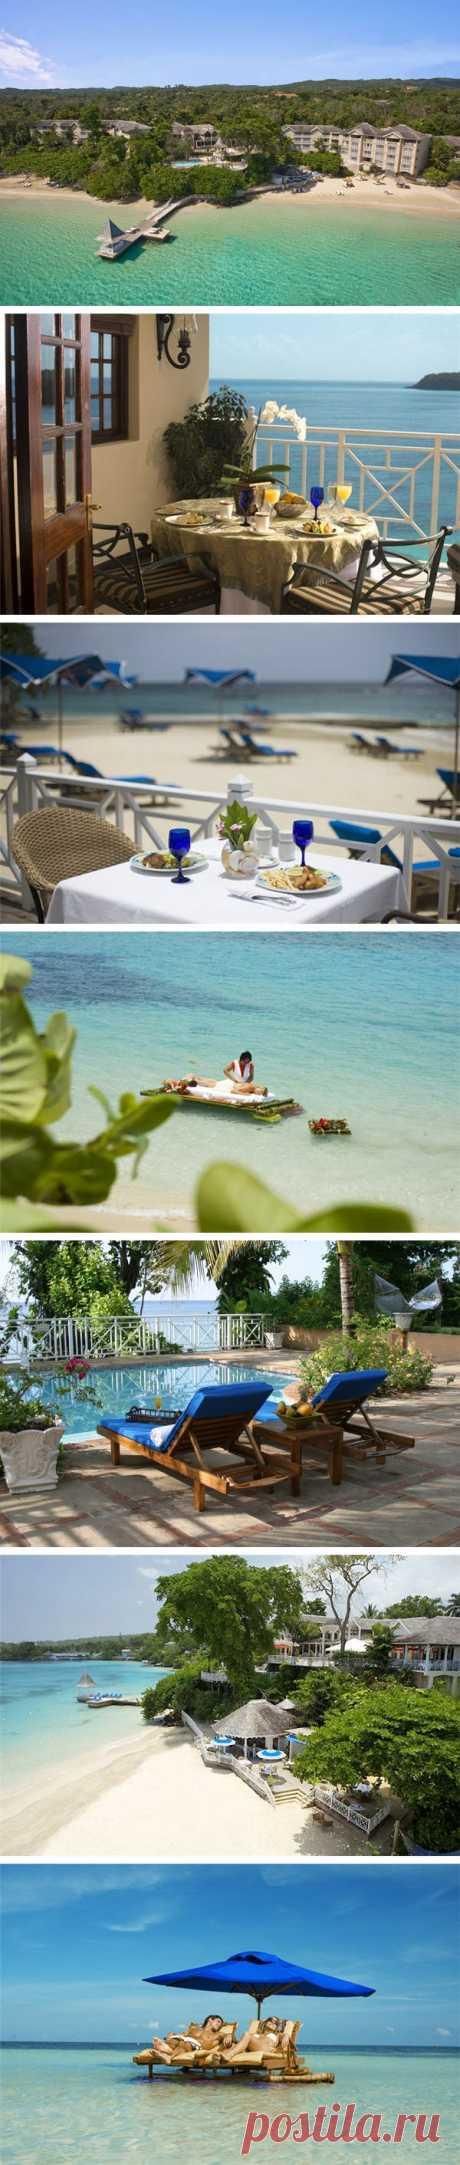 Allí, donde siempre el verano. El descanso en la isla Jamaica